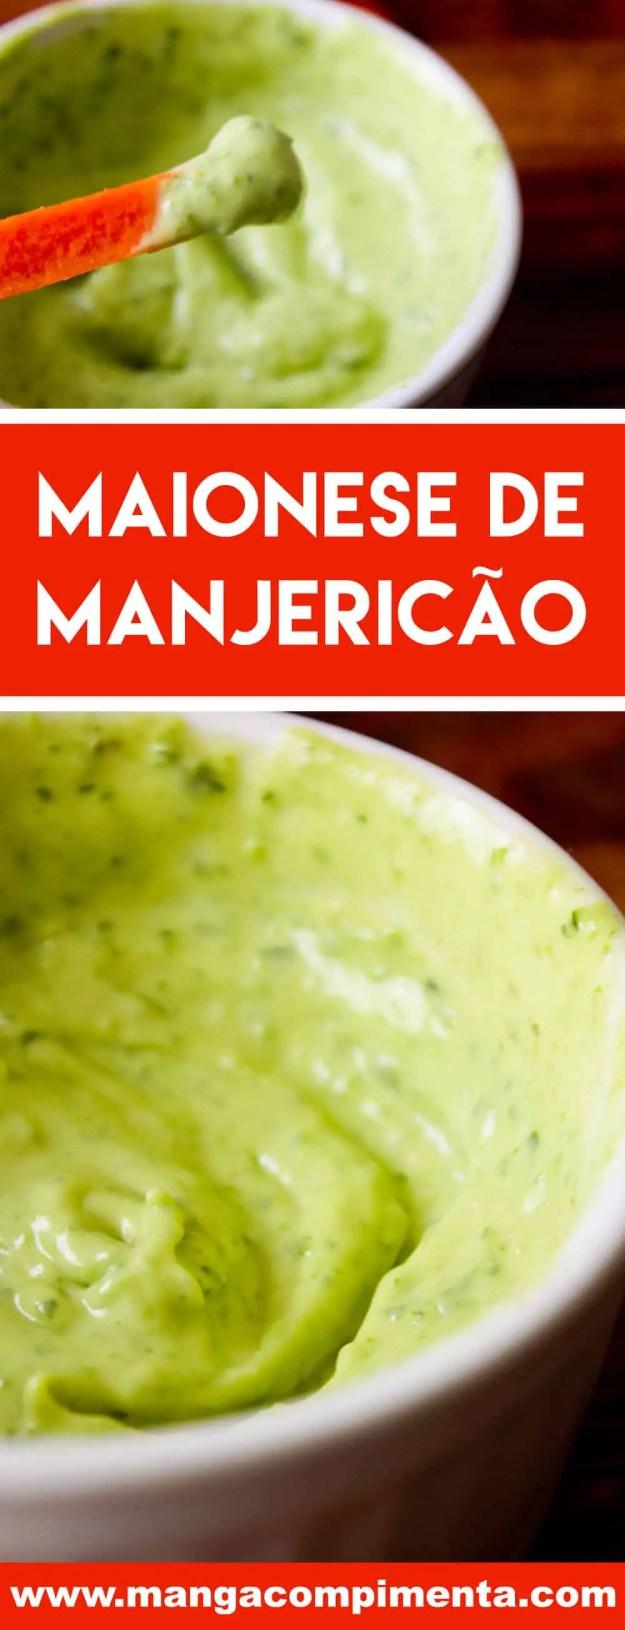 Receita de Maionese de Manjericão - uma pasta deliciosa para passar no pão ou para petiscar com os amigos!